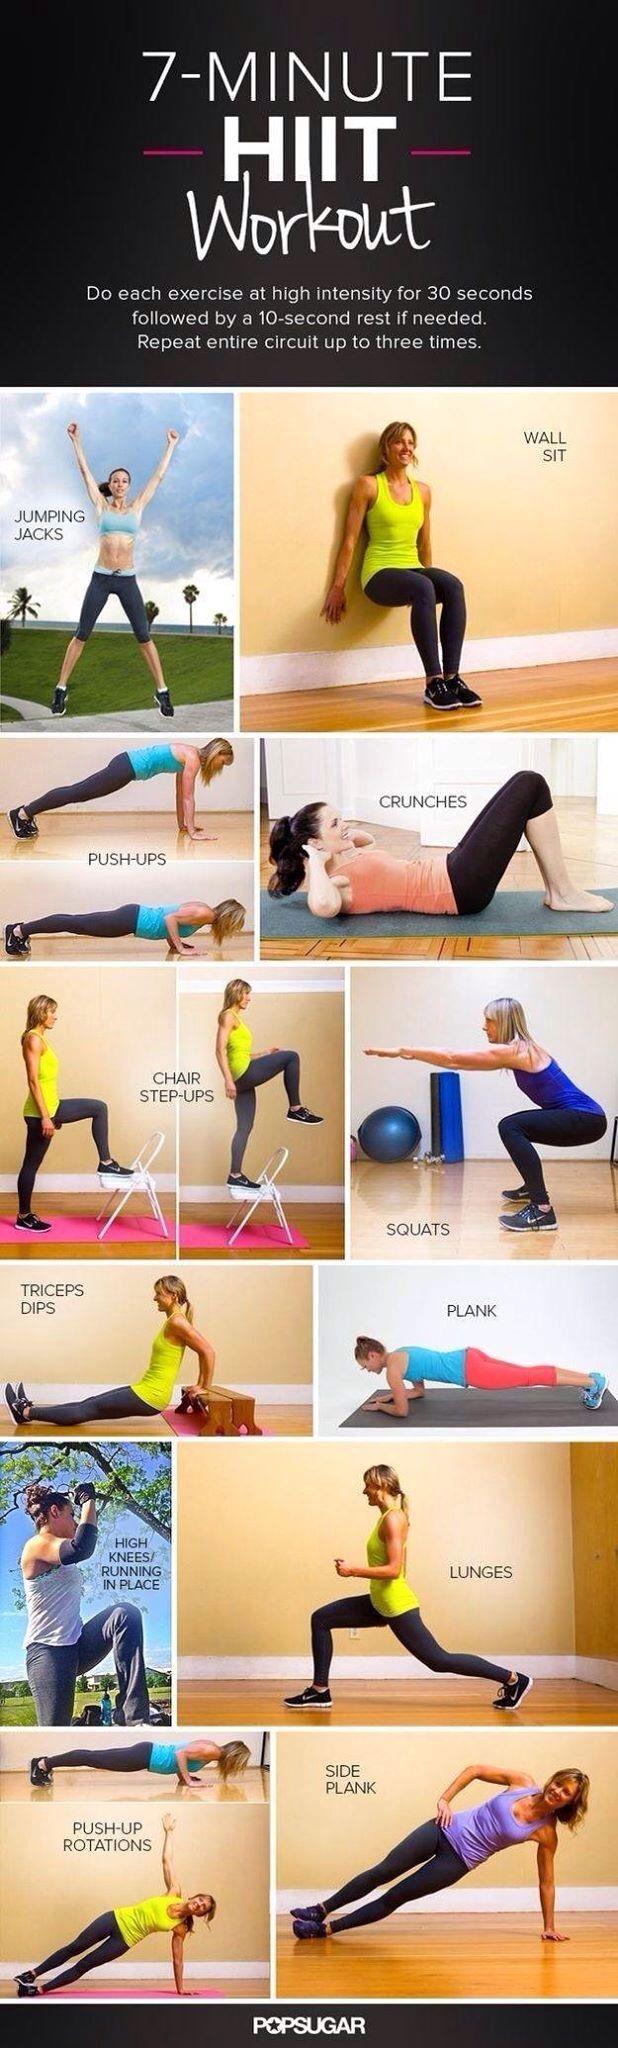 7 minute HITT workout